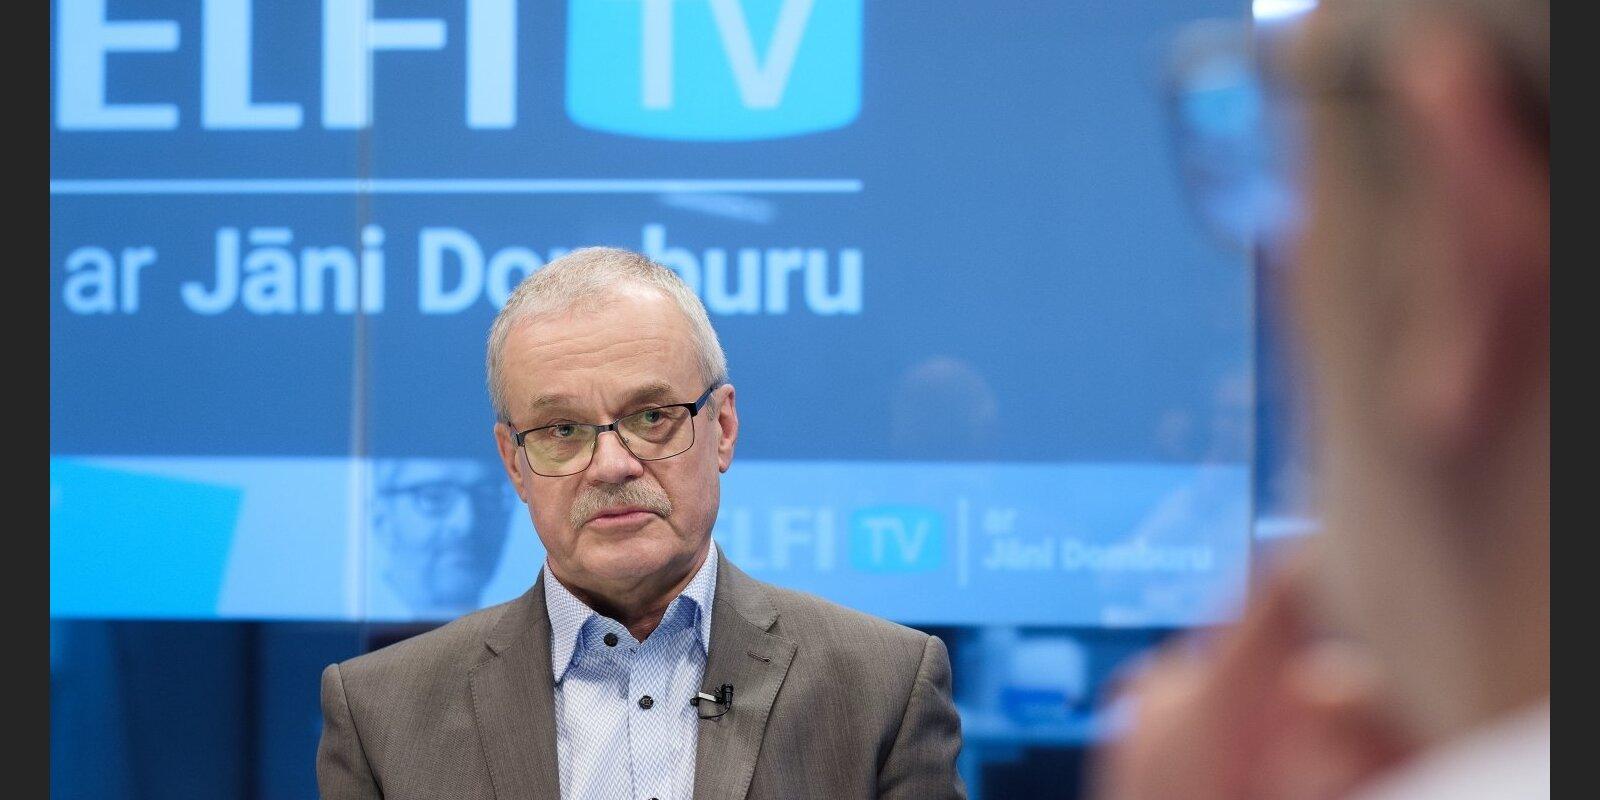 'Delfi TV ar Jāni Domburu' par 'čekas' mantojumu atbild pētnieks — Indulis Zālīte. Pilns sarunas teksts